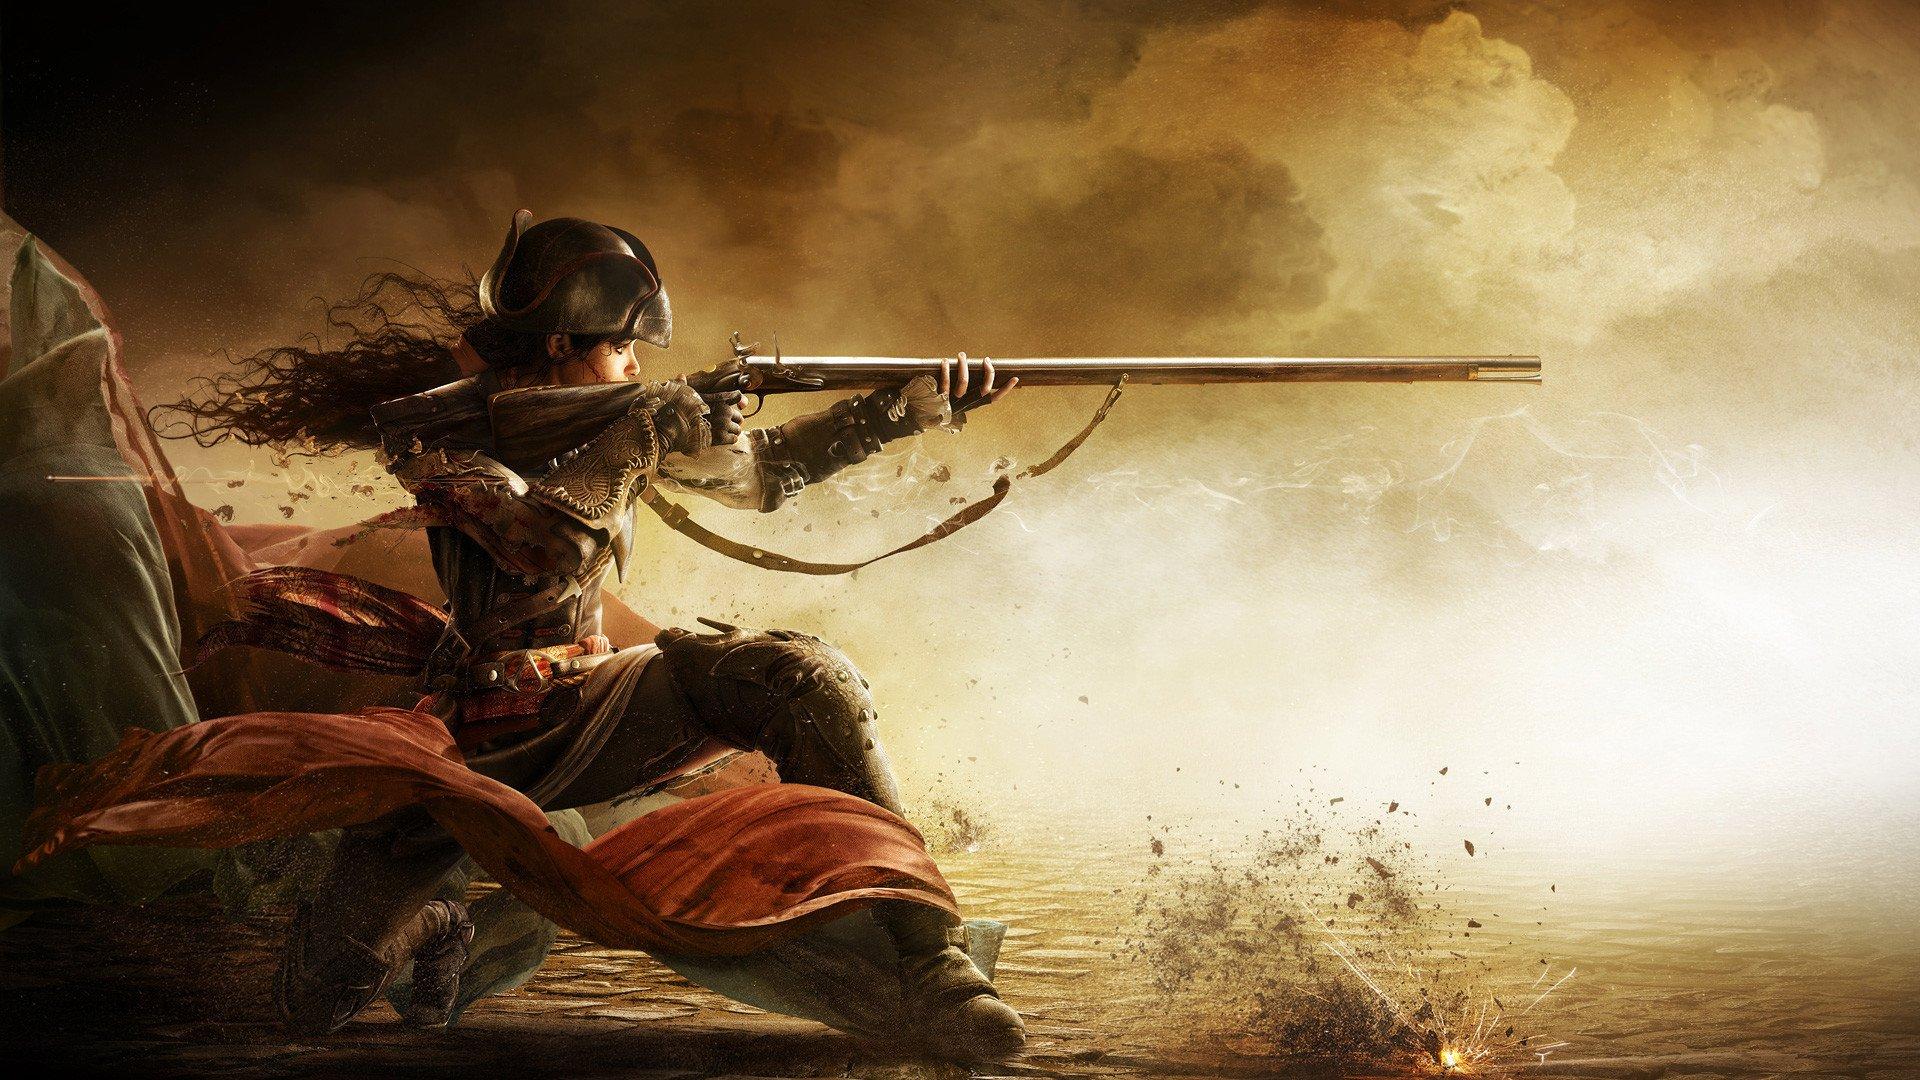 Assassin's Creed Liberation HD oyunu 4K duvar kağıdı